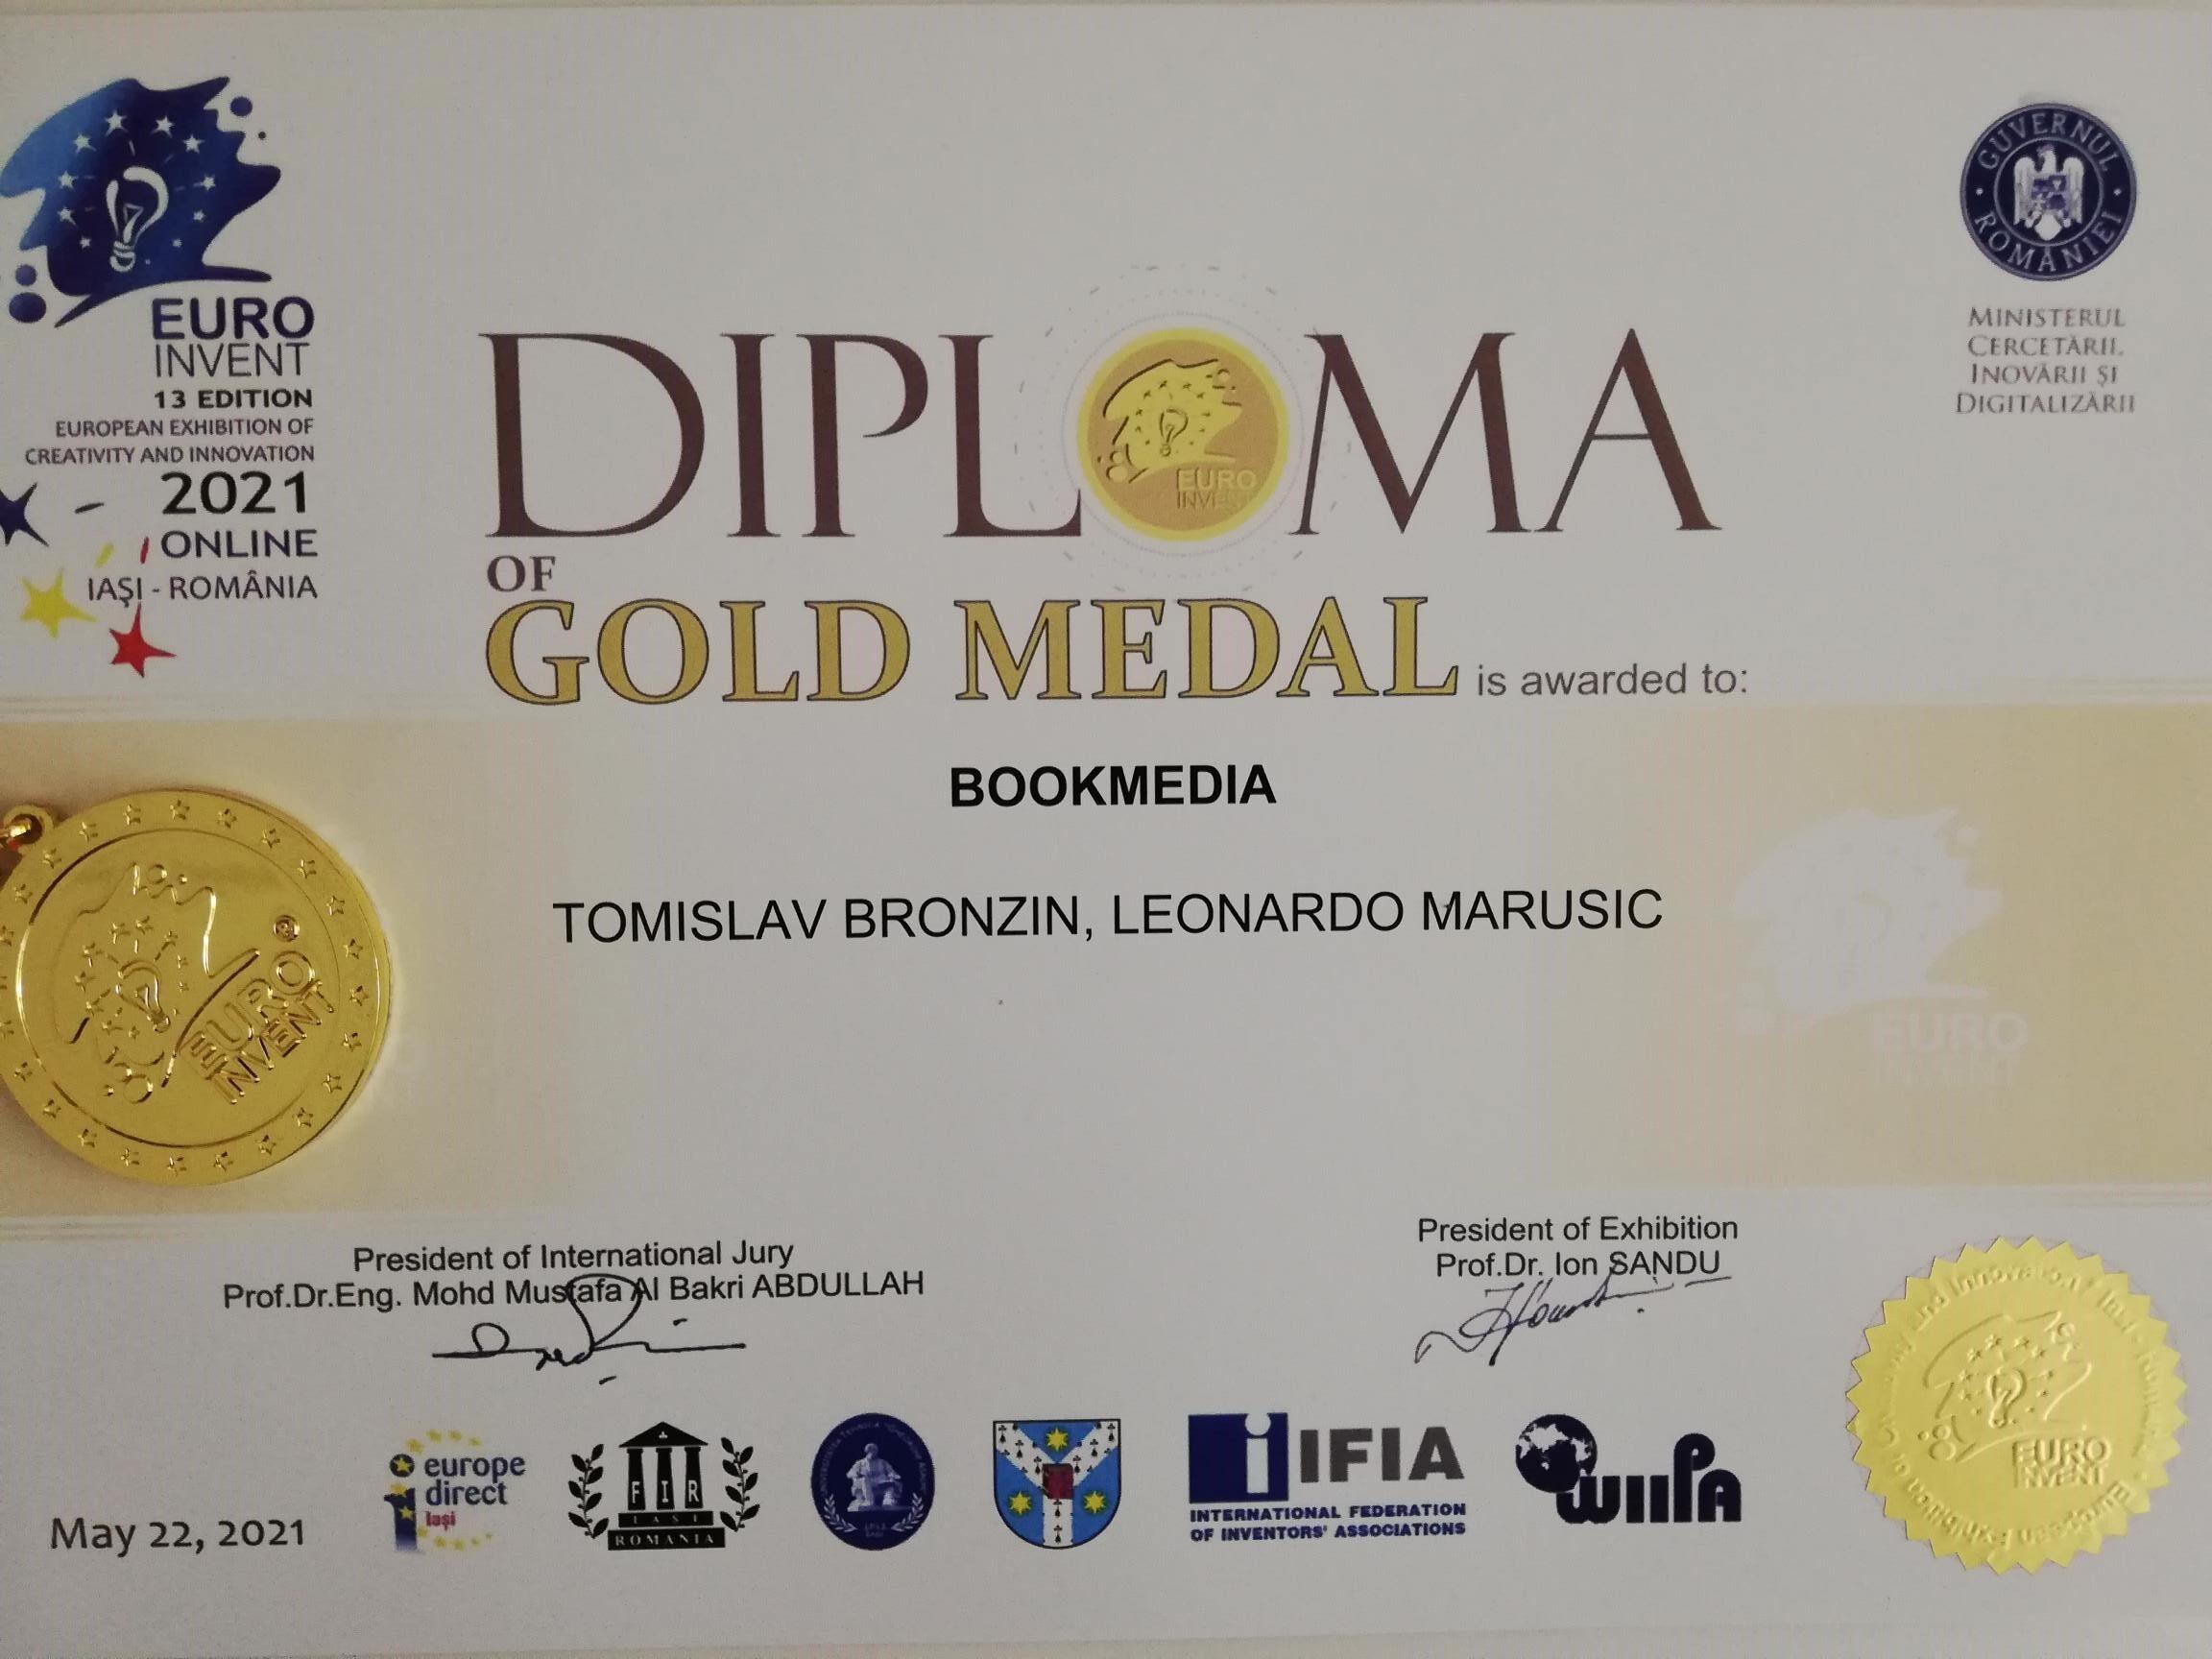 Euro Invent - zlatna medalja za inovaciju BookMedia